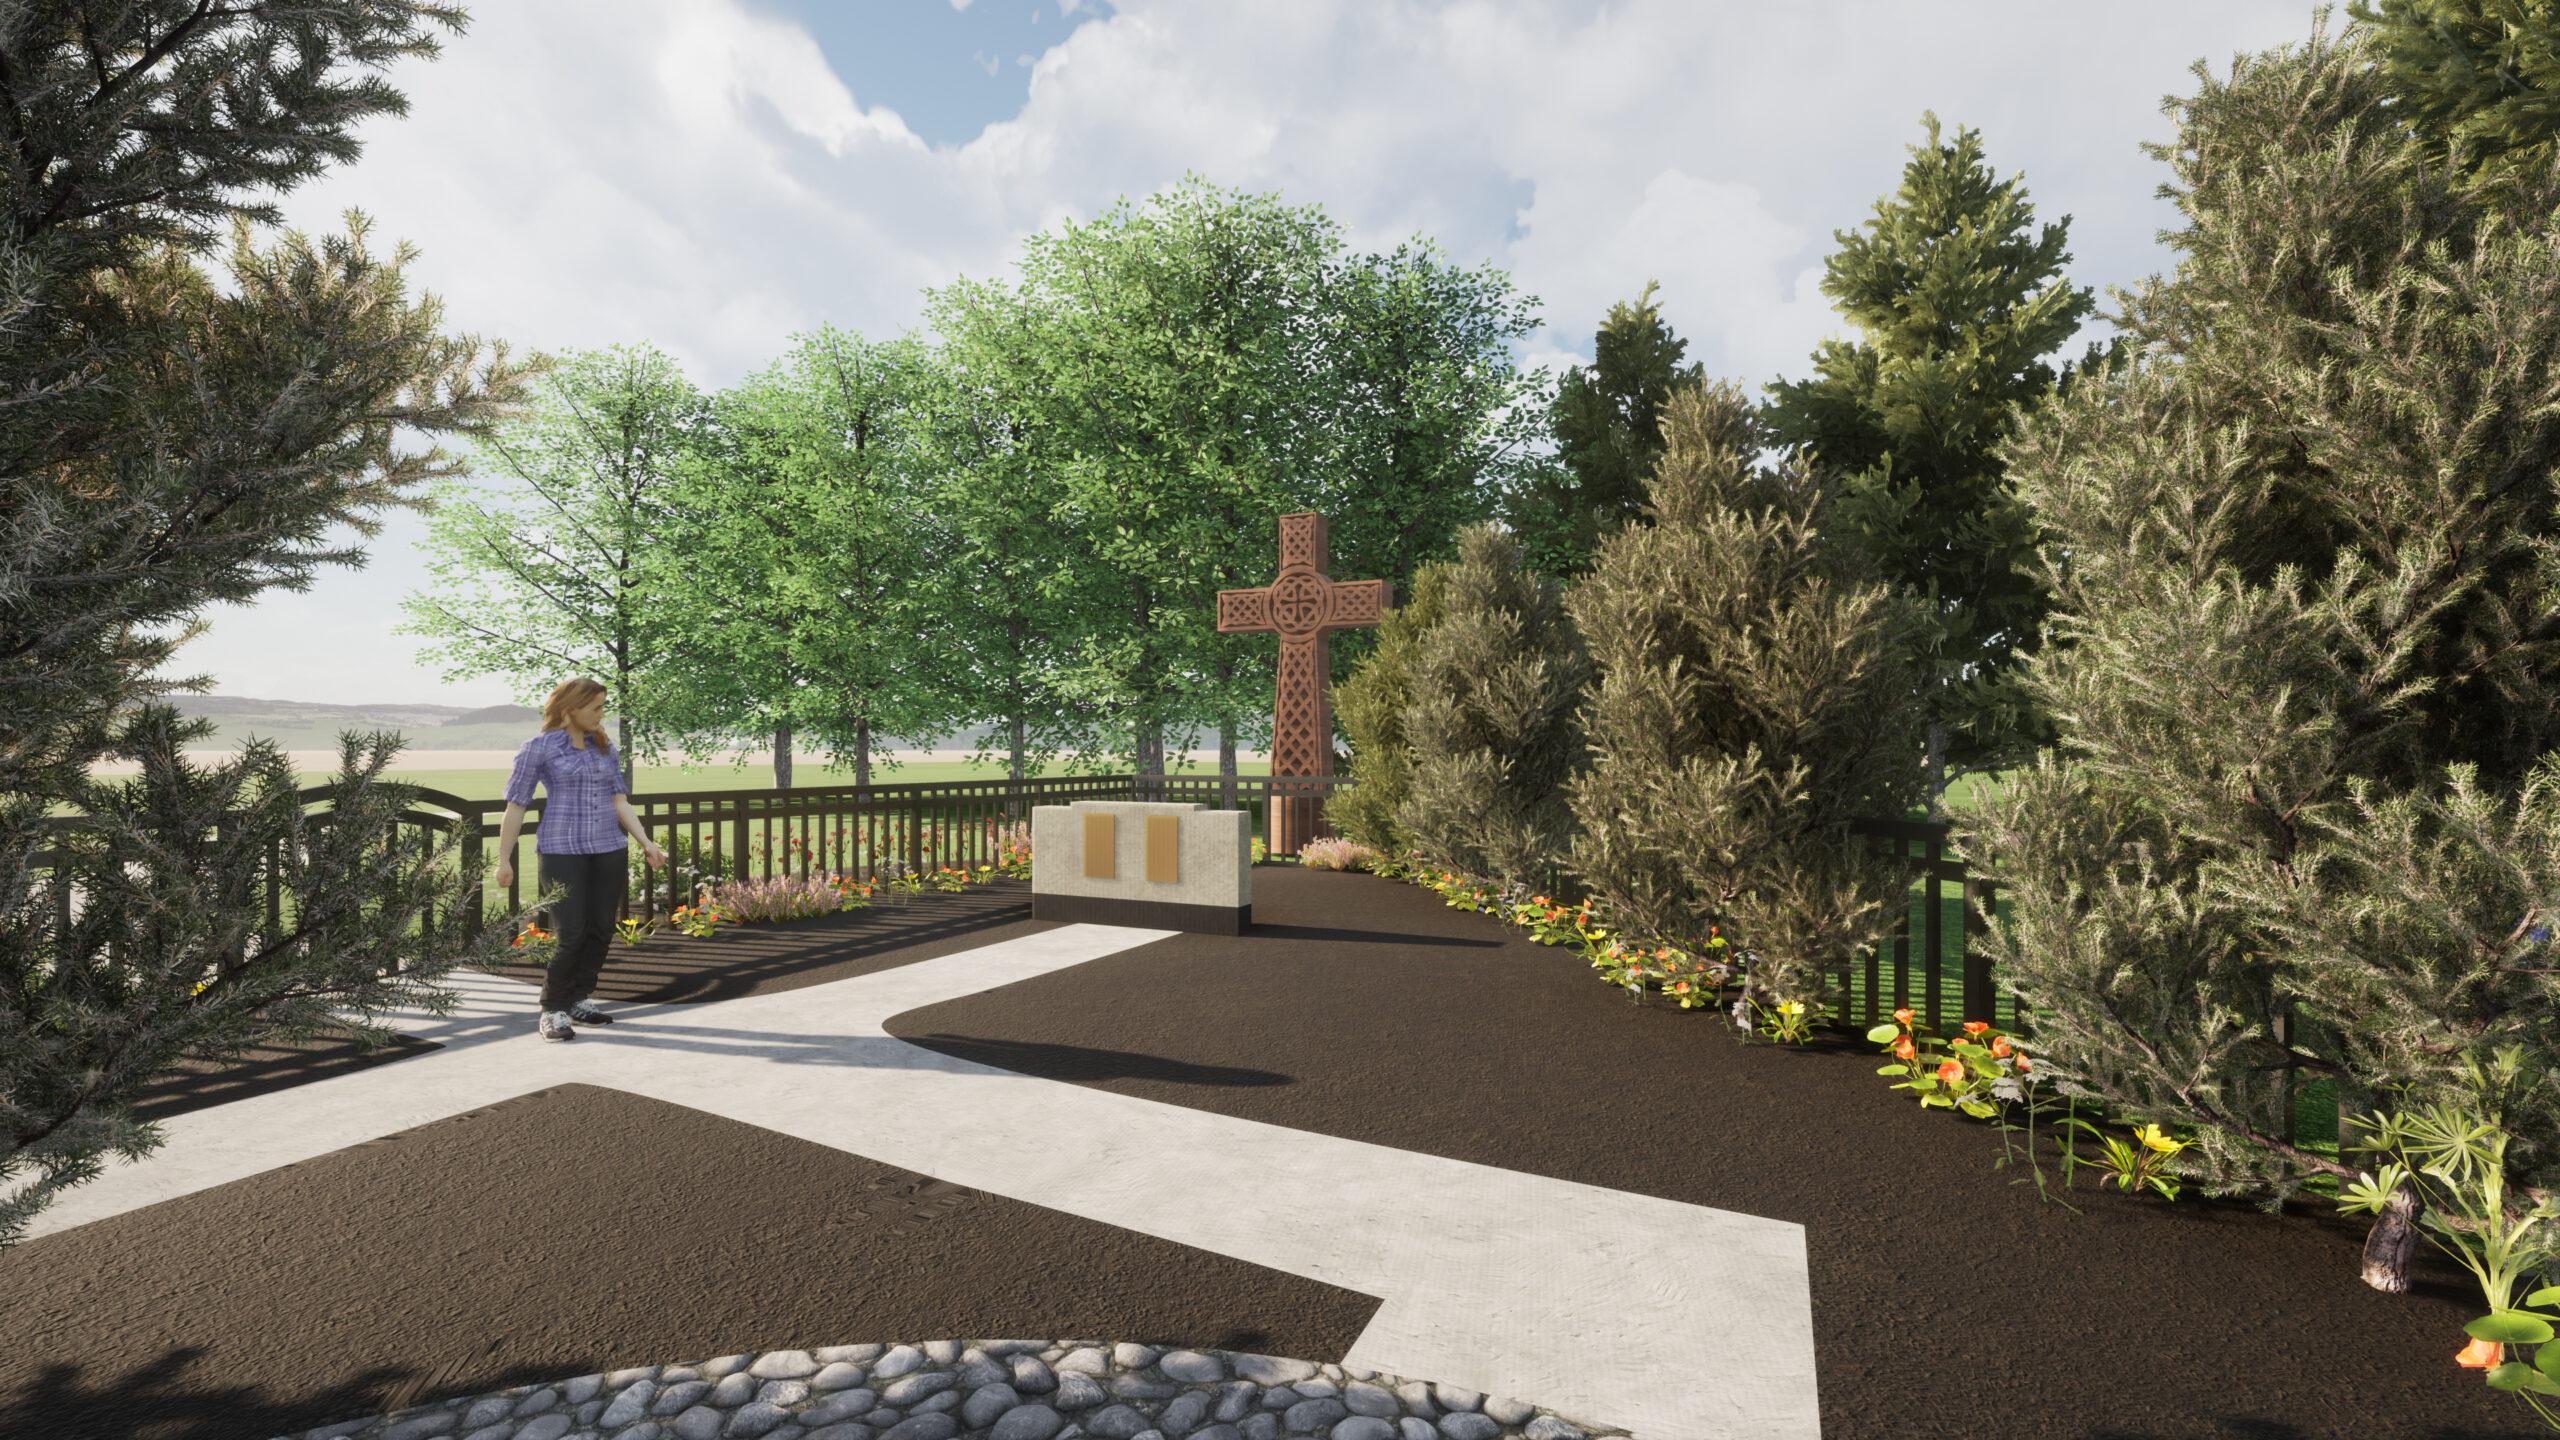 Memorial Garden Rendering for 2020 Beautification - Cross View